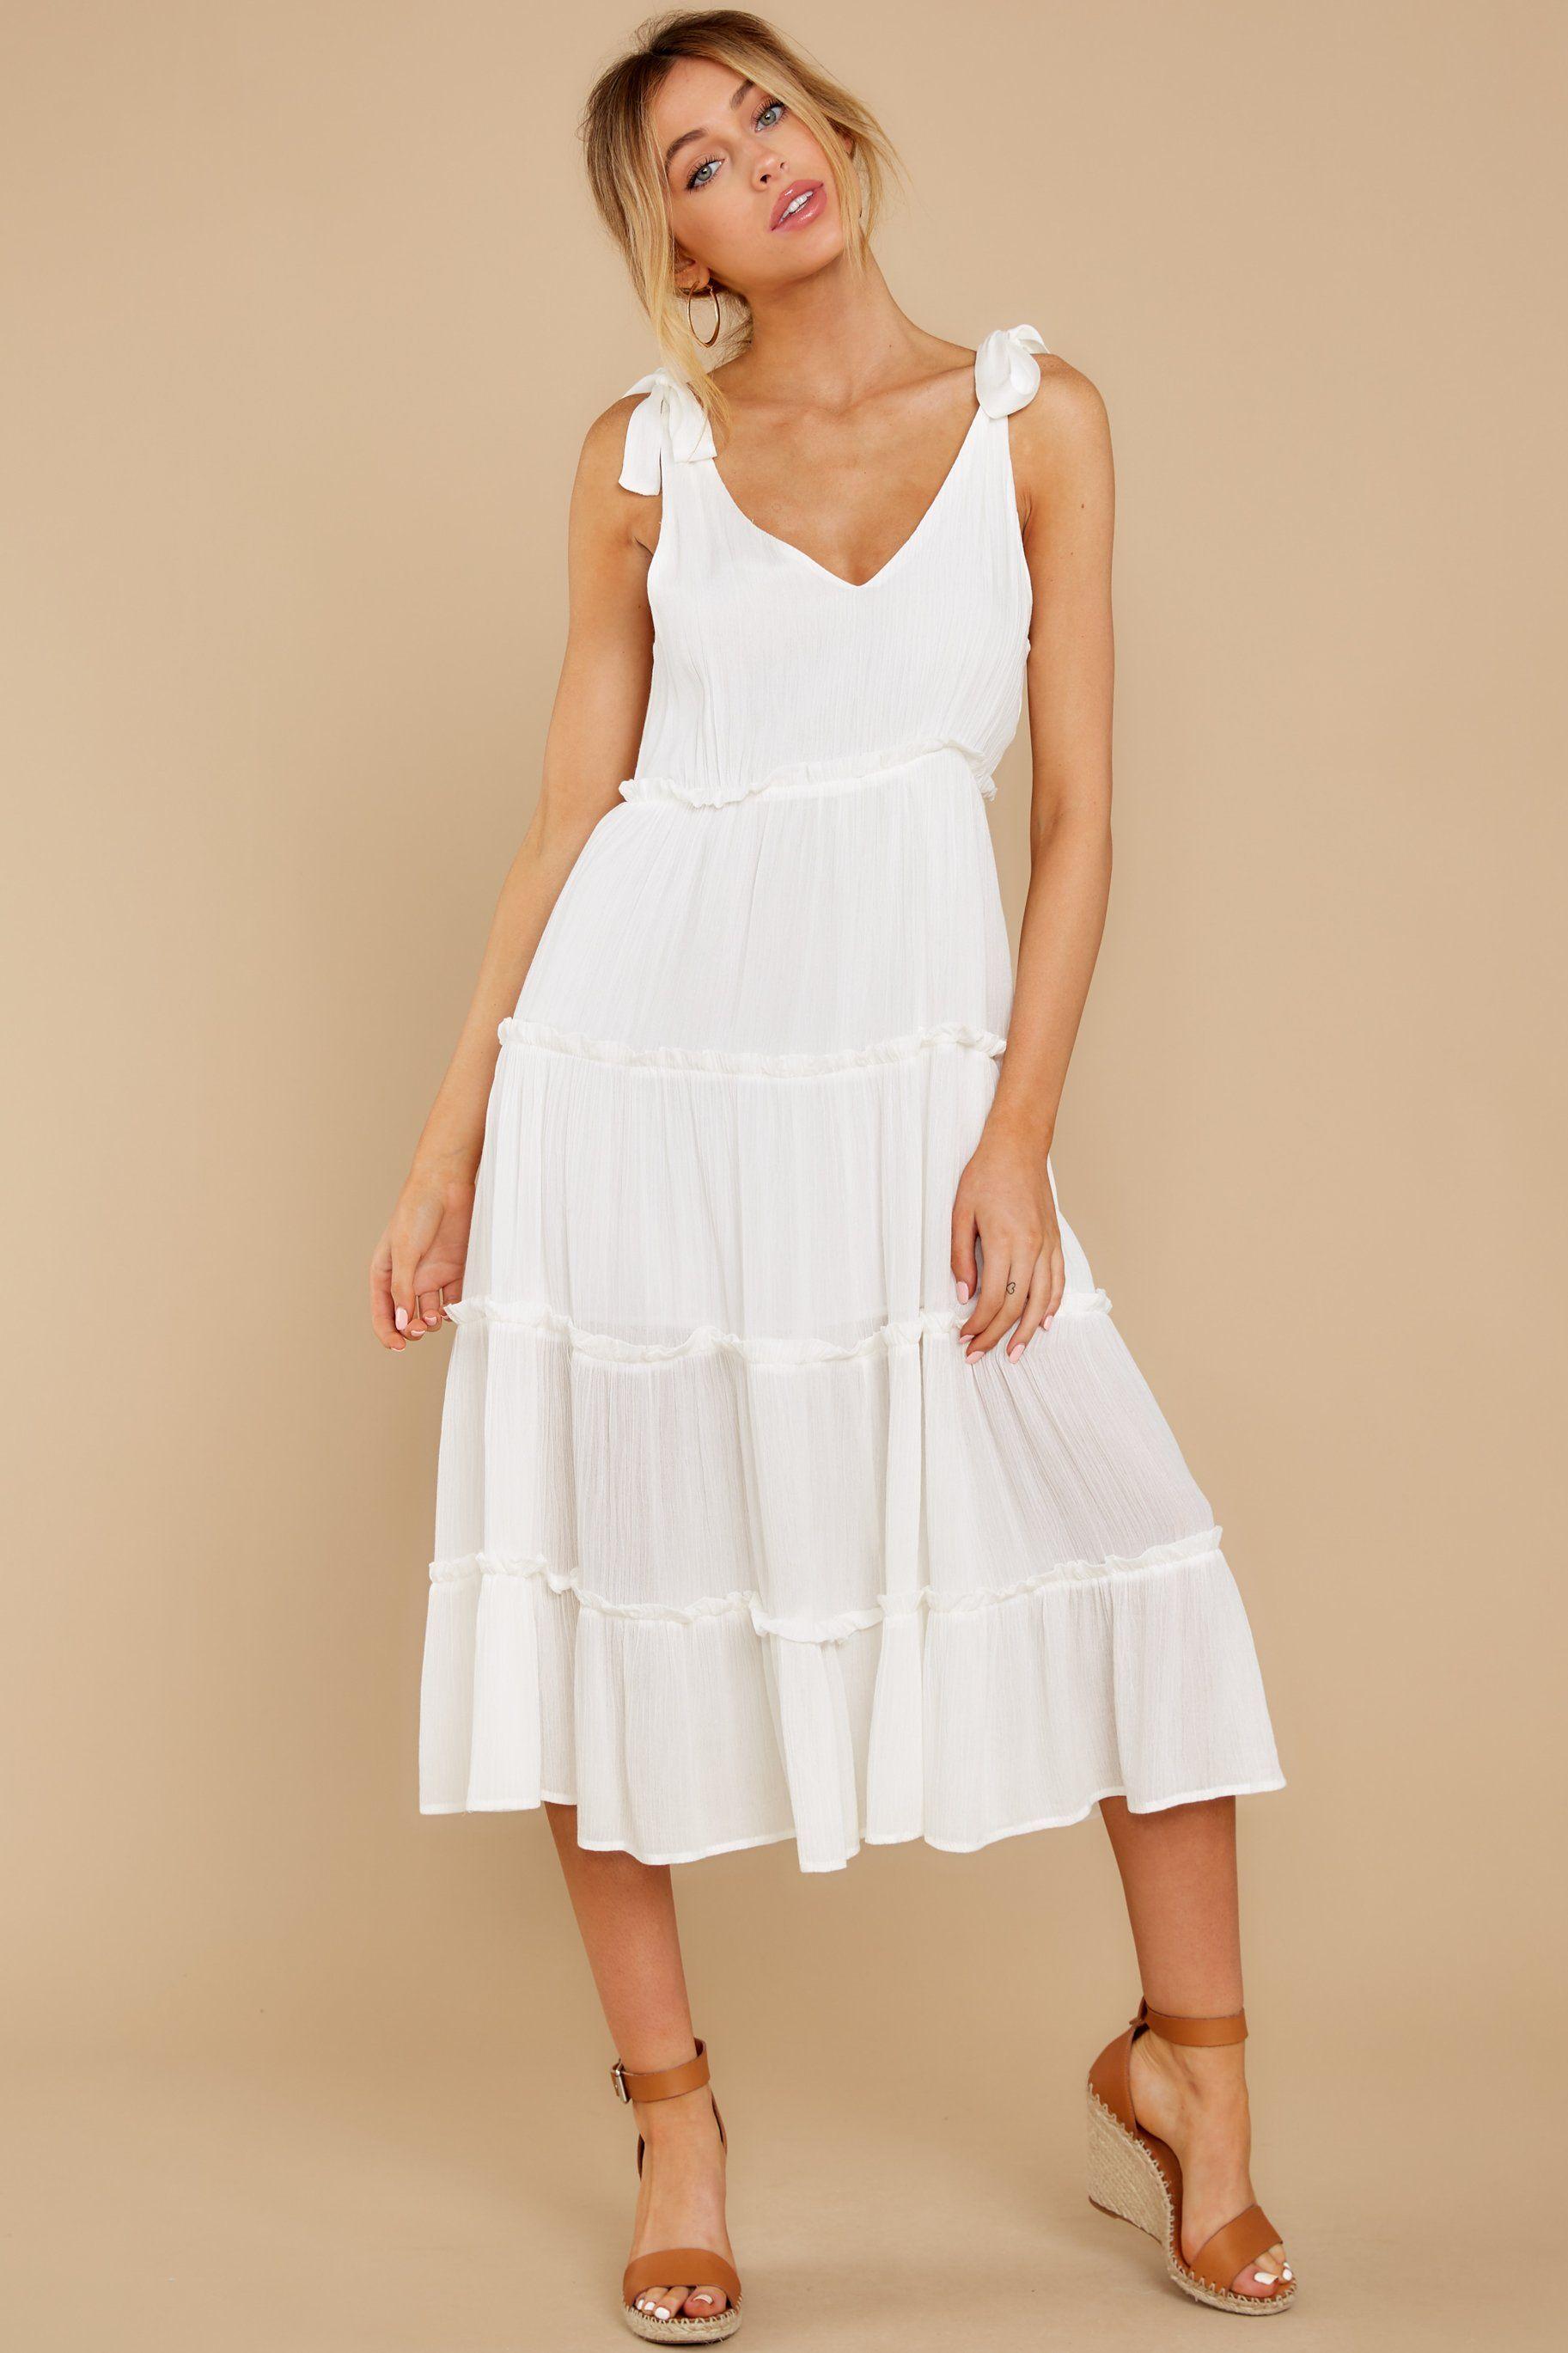 In Full Swing Ivory Midi Dress Ivory Midi Dresses Midi Dress Casual Midi Dress [ 2738 x 1825 Pixel ]